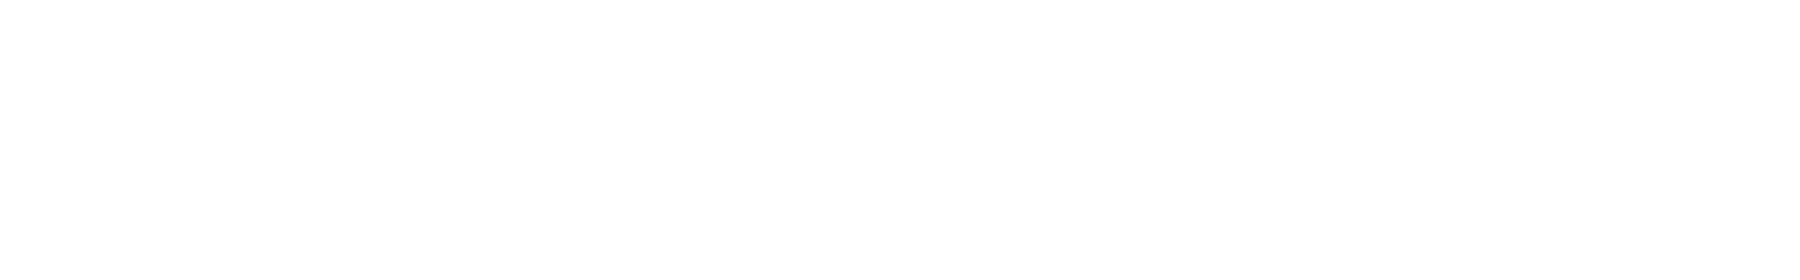 csp27sd